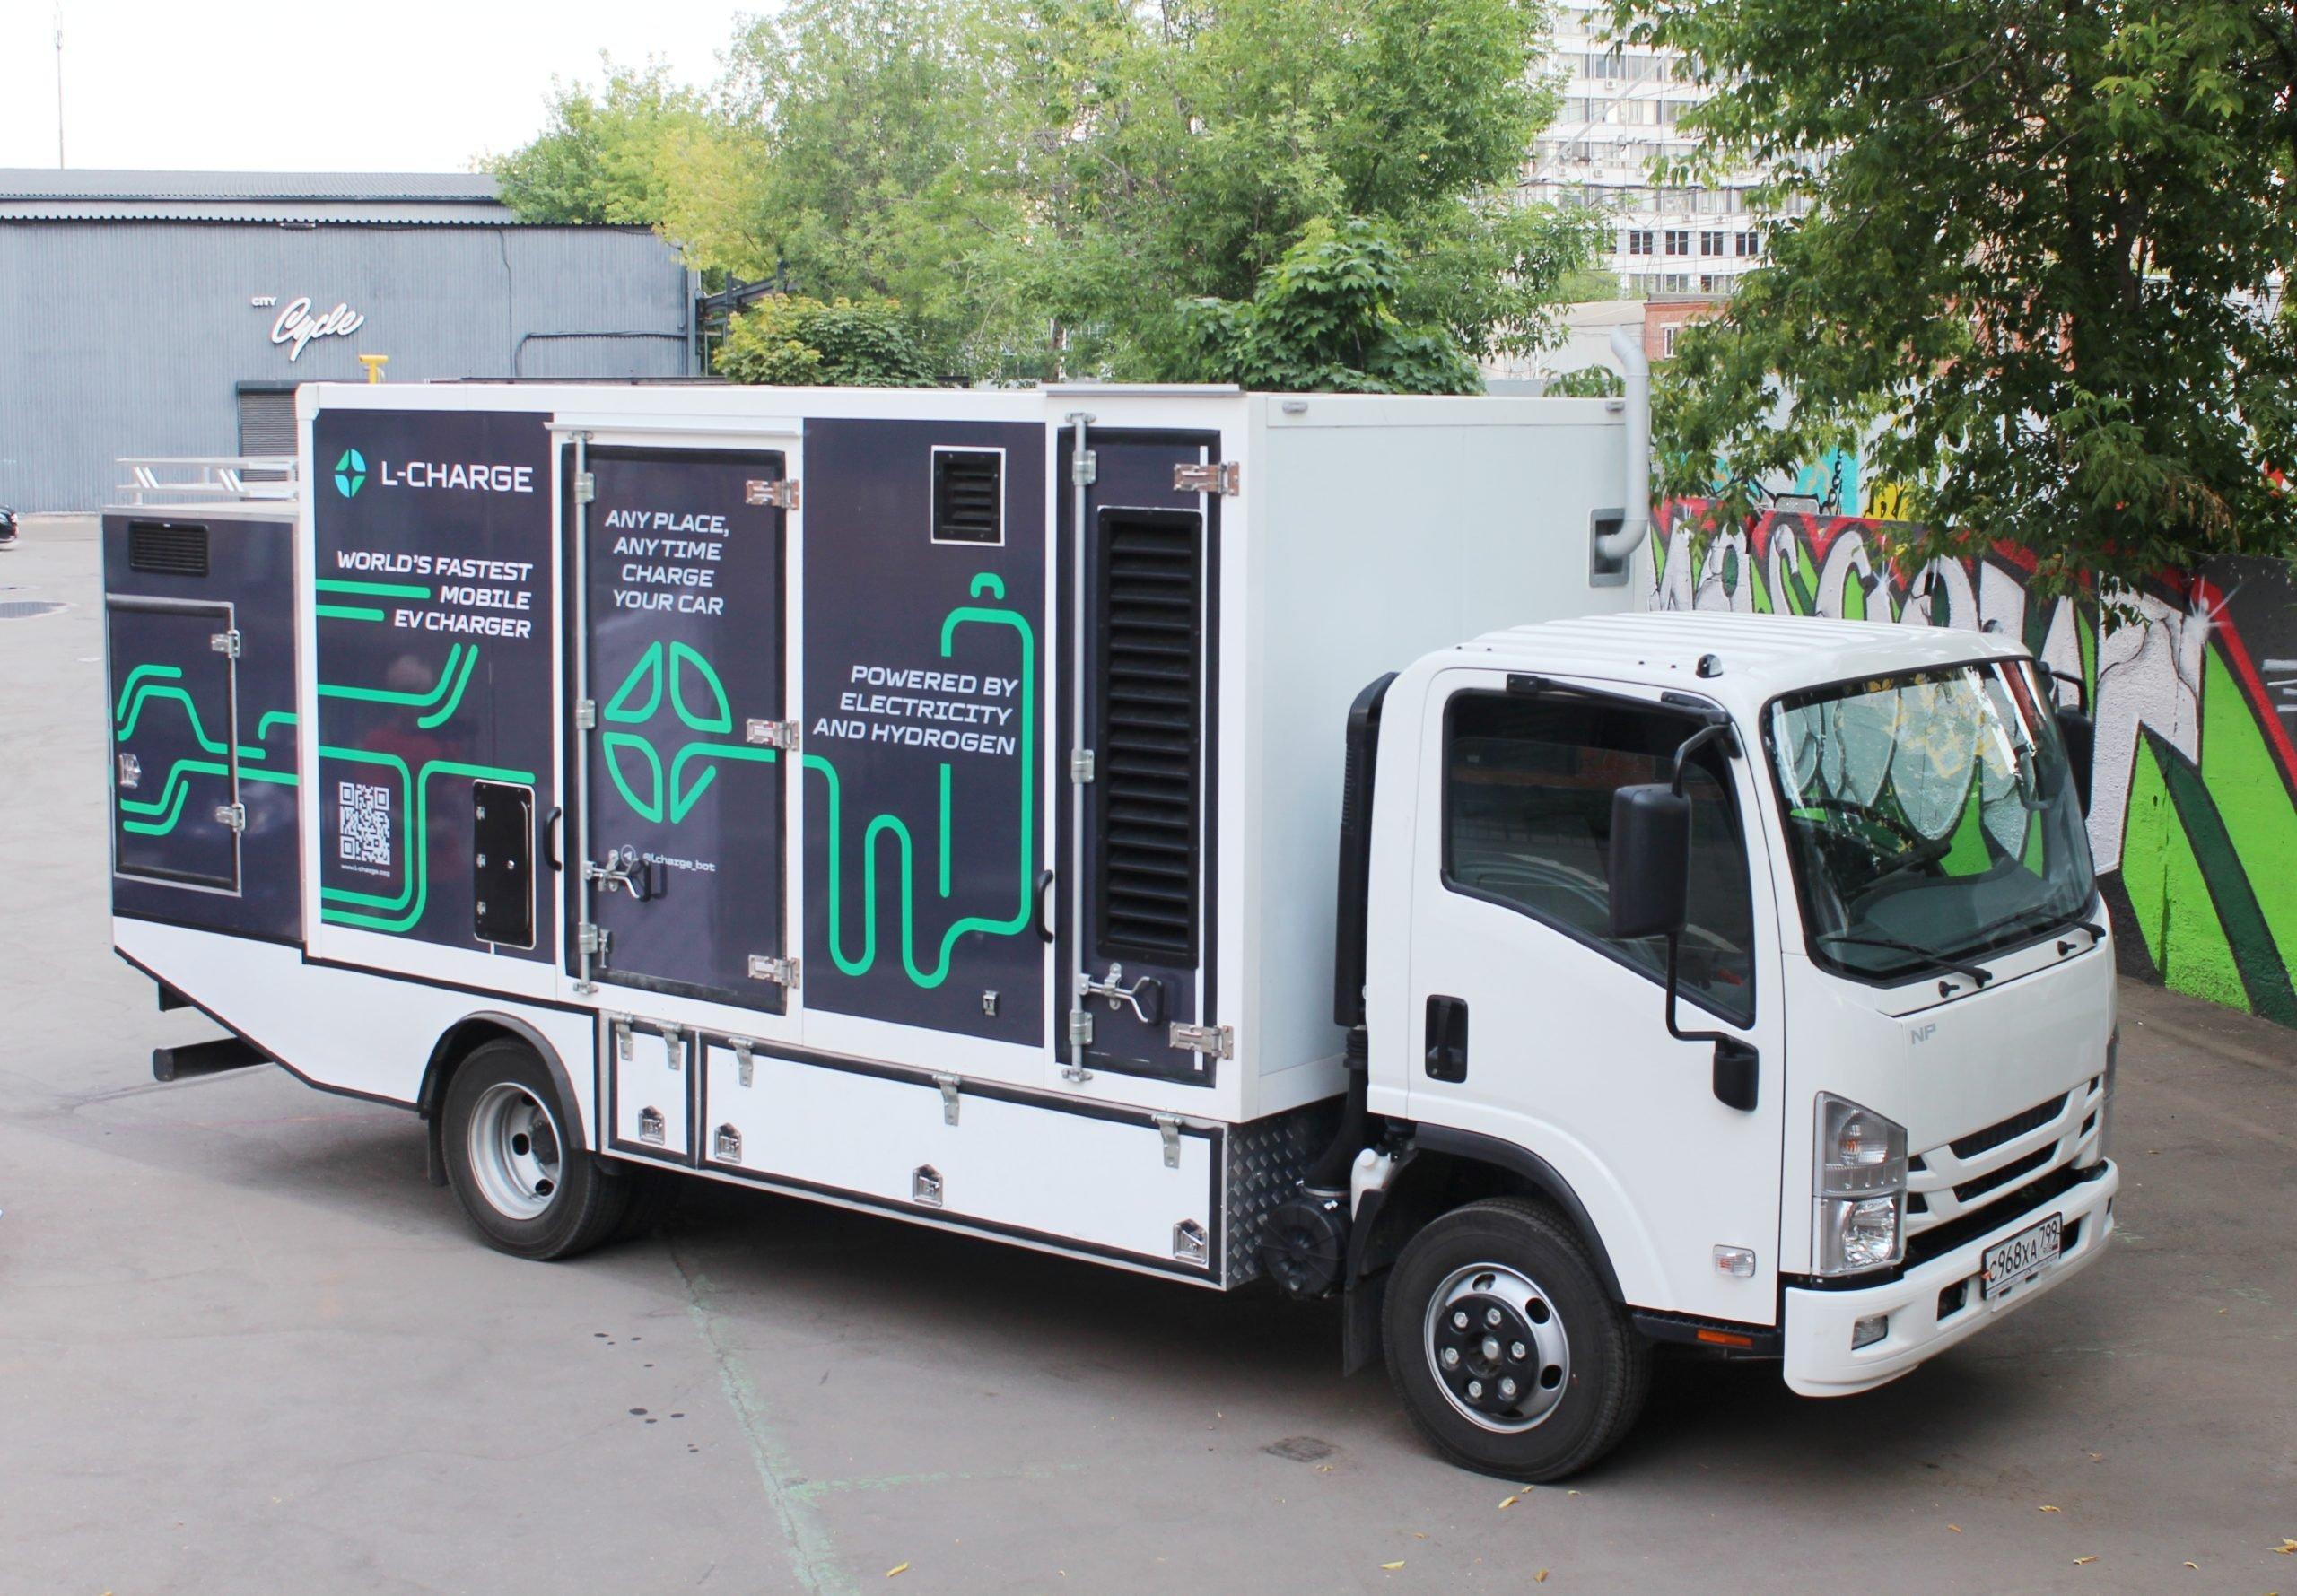 Компания L-Charge представила самую быструю мобильную зарядку для электромобилей